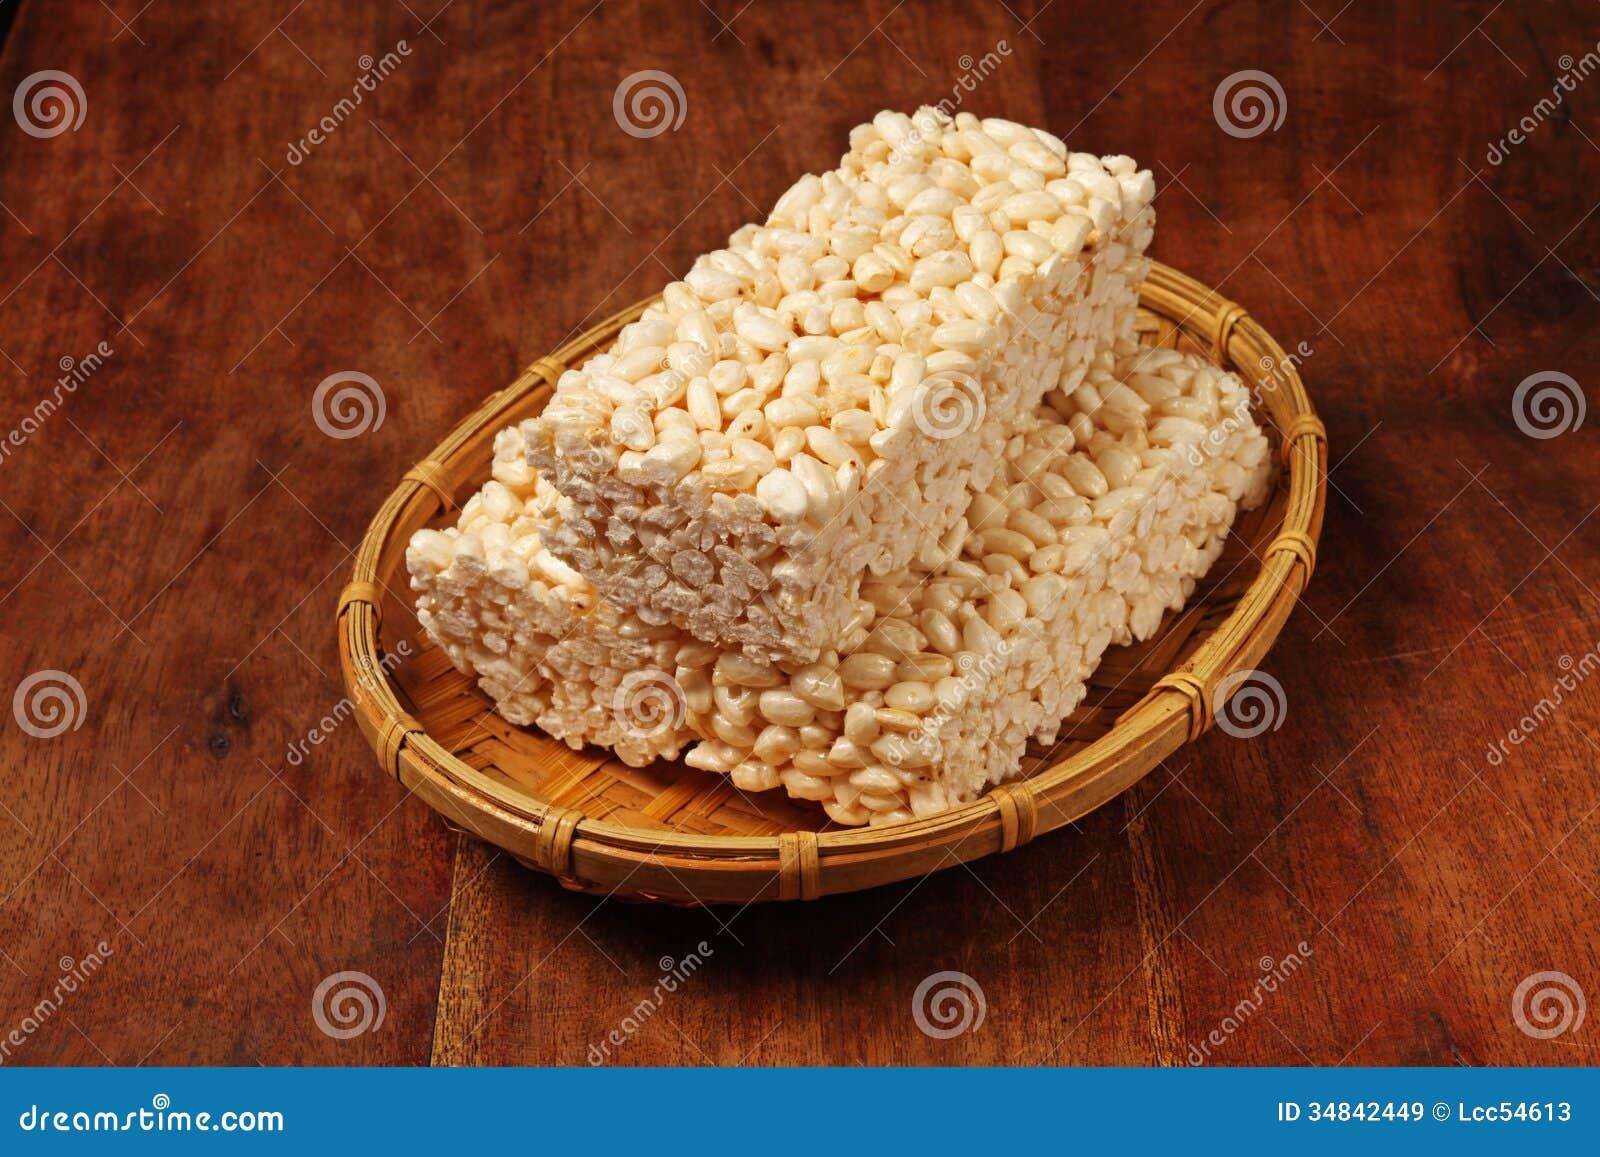 Taiwanese Rice Cake Recipe Ideas